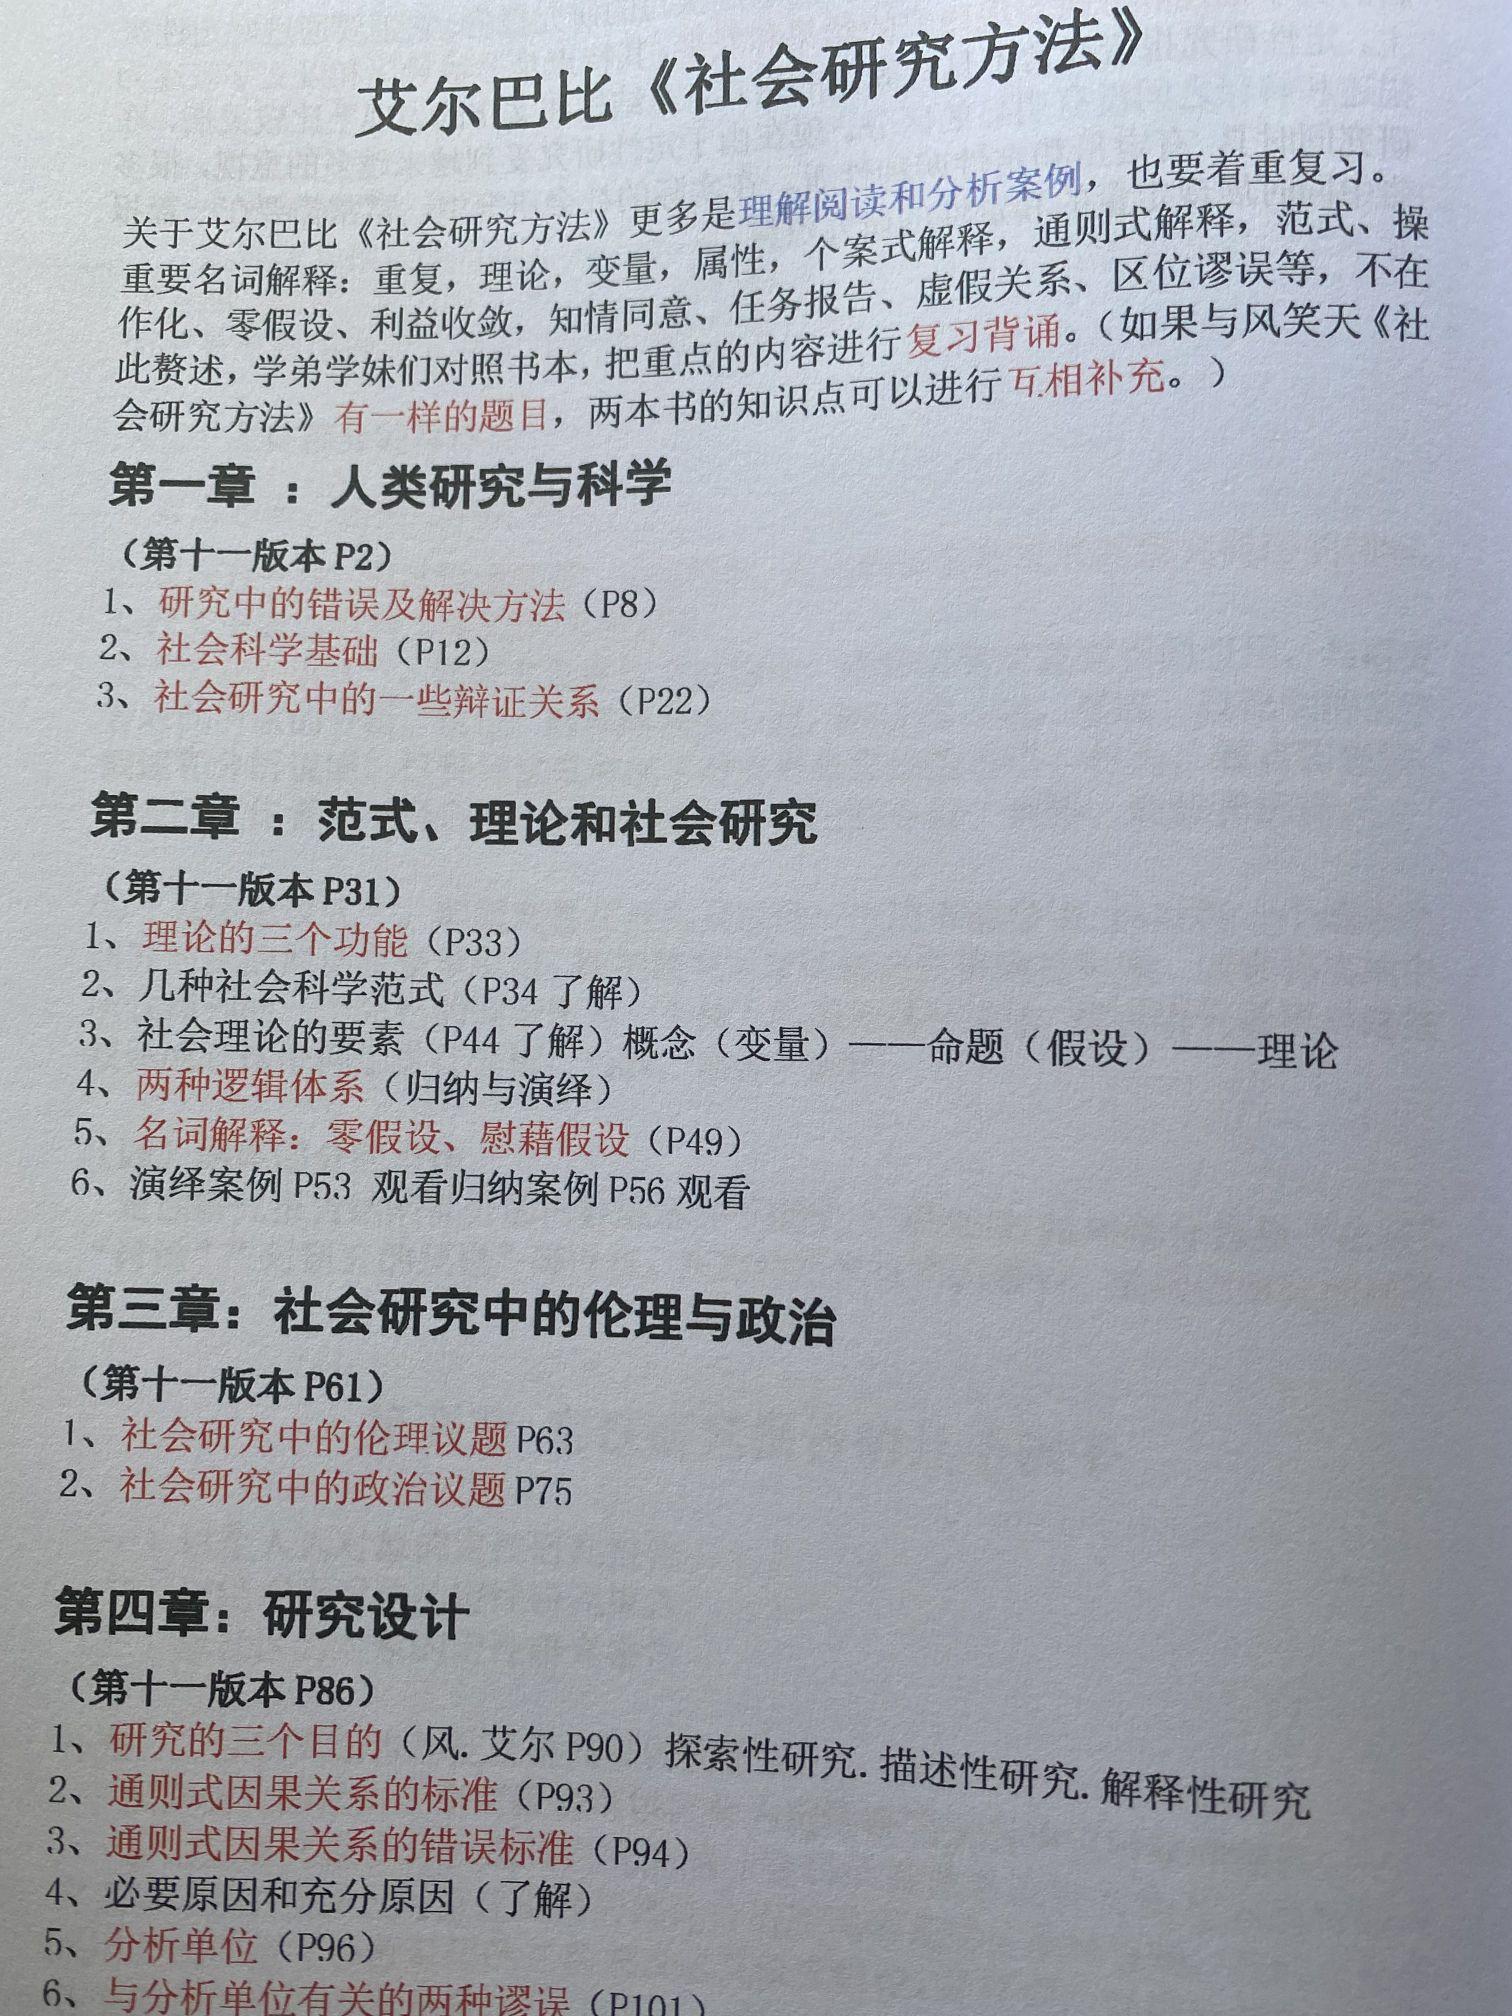 IMG_CD3504D64D36C8F068390EC11D2DB8.jpeg